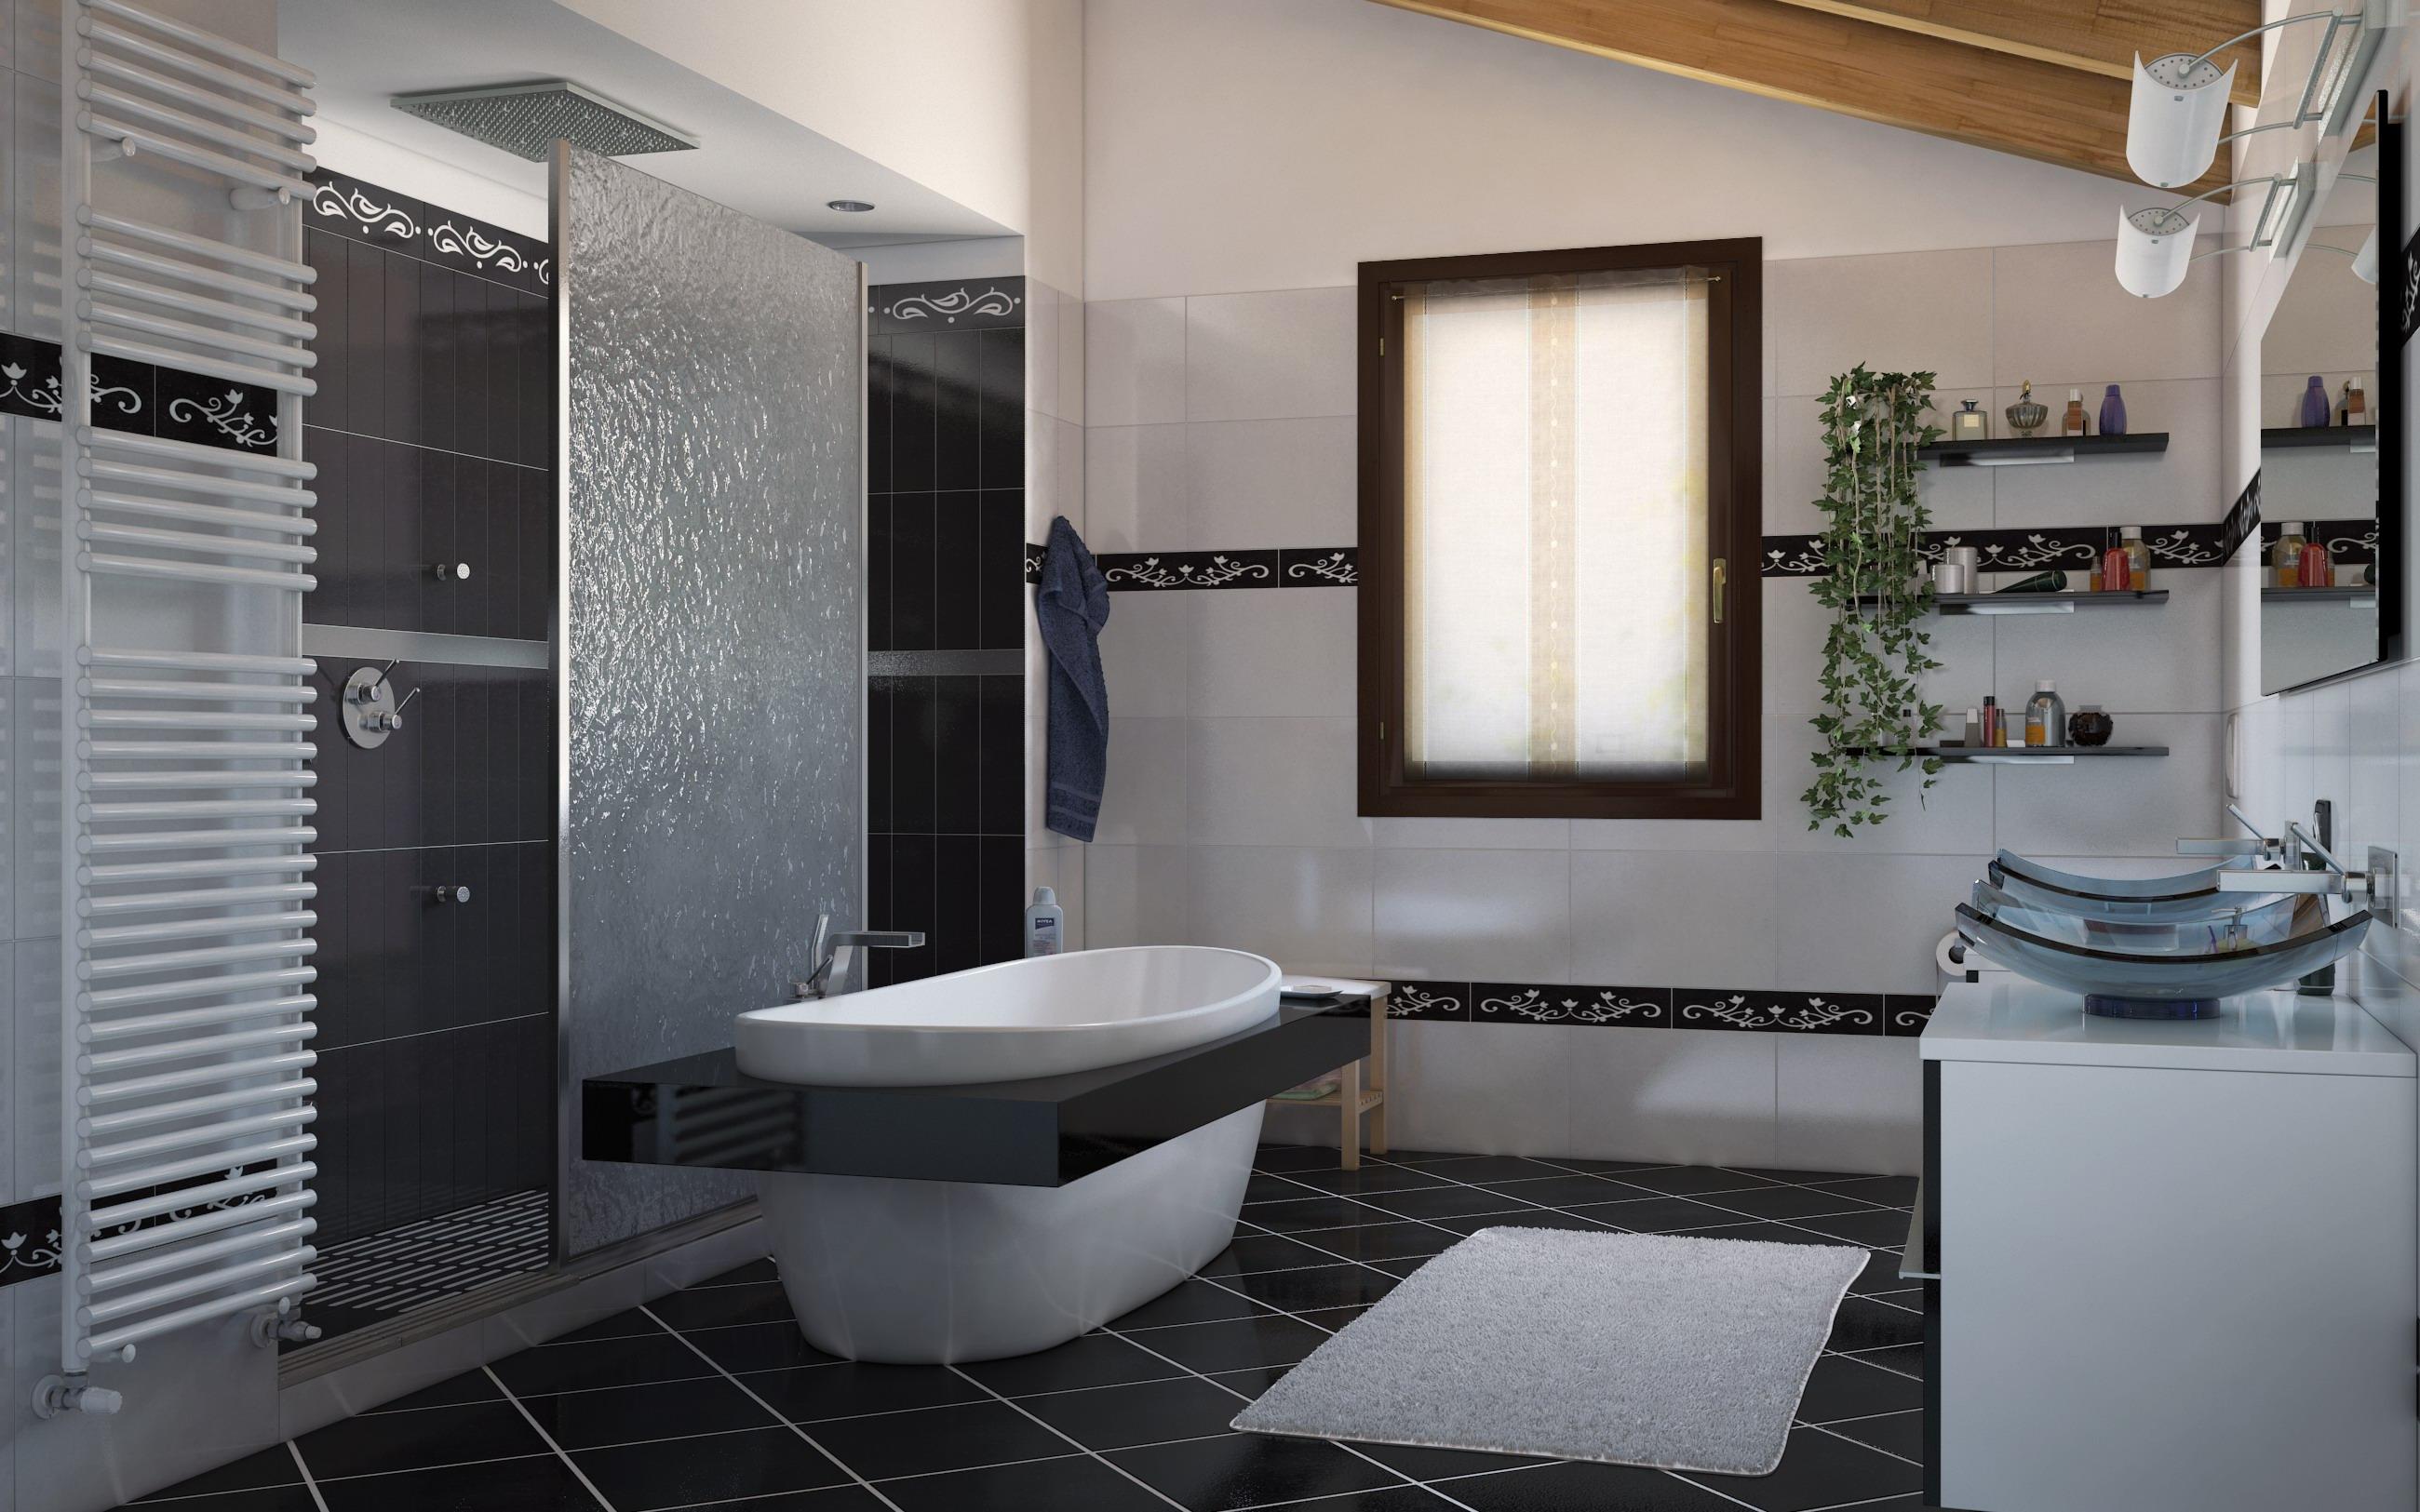 soluzioni per il bagno | soluzioni arredo bagno padova - Stil Arredo Bagno